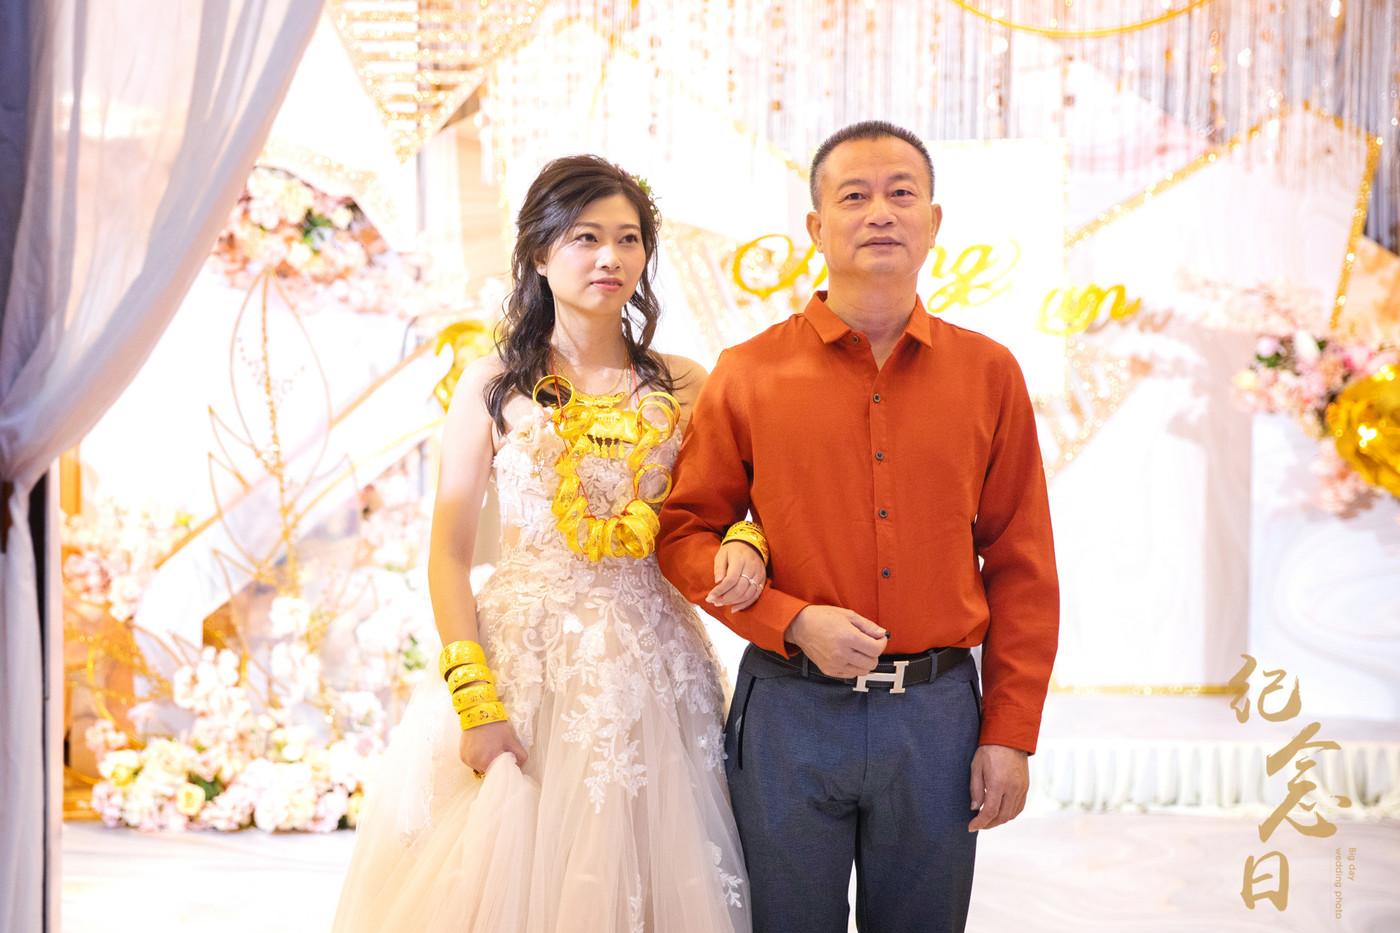 婚礼 | 志明&琳琳71